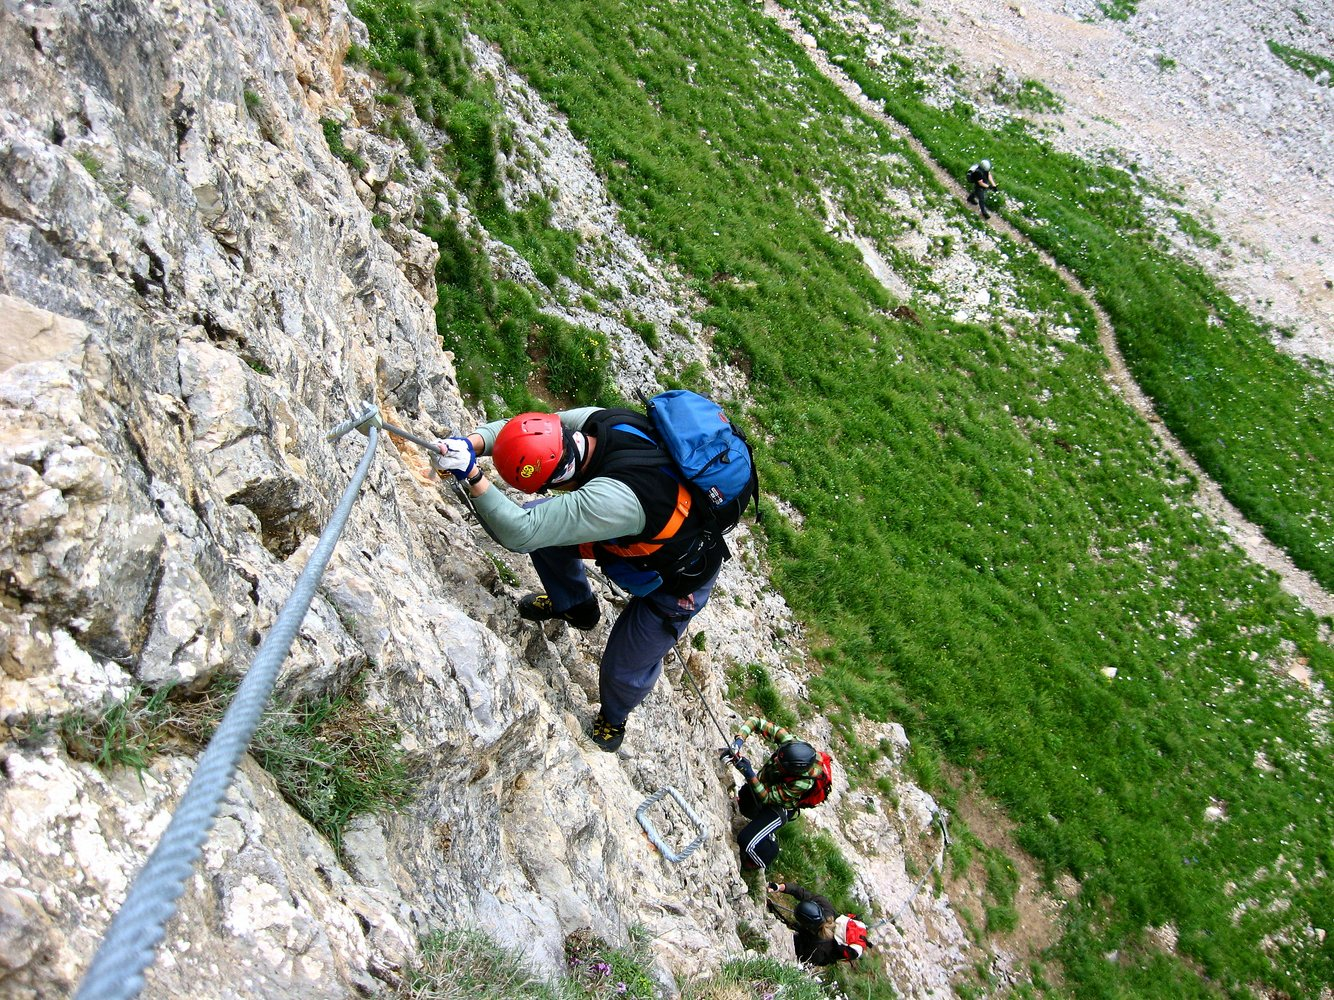 Klettersteig Achensee : Achensee gipfel klettersteig bergsteigen